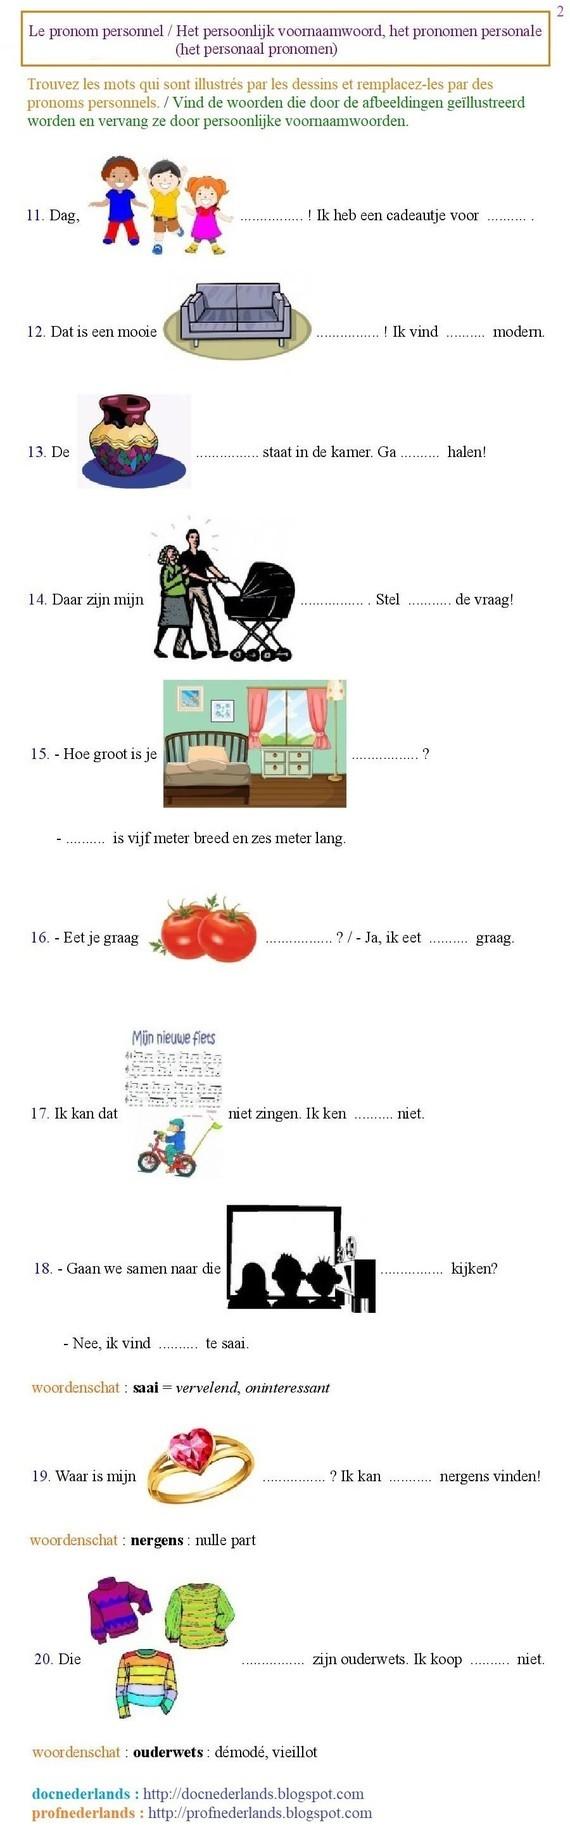 Grammatica-oefening : het persoonlijk voornaamwoord (2)